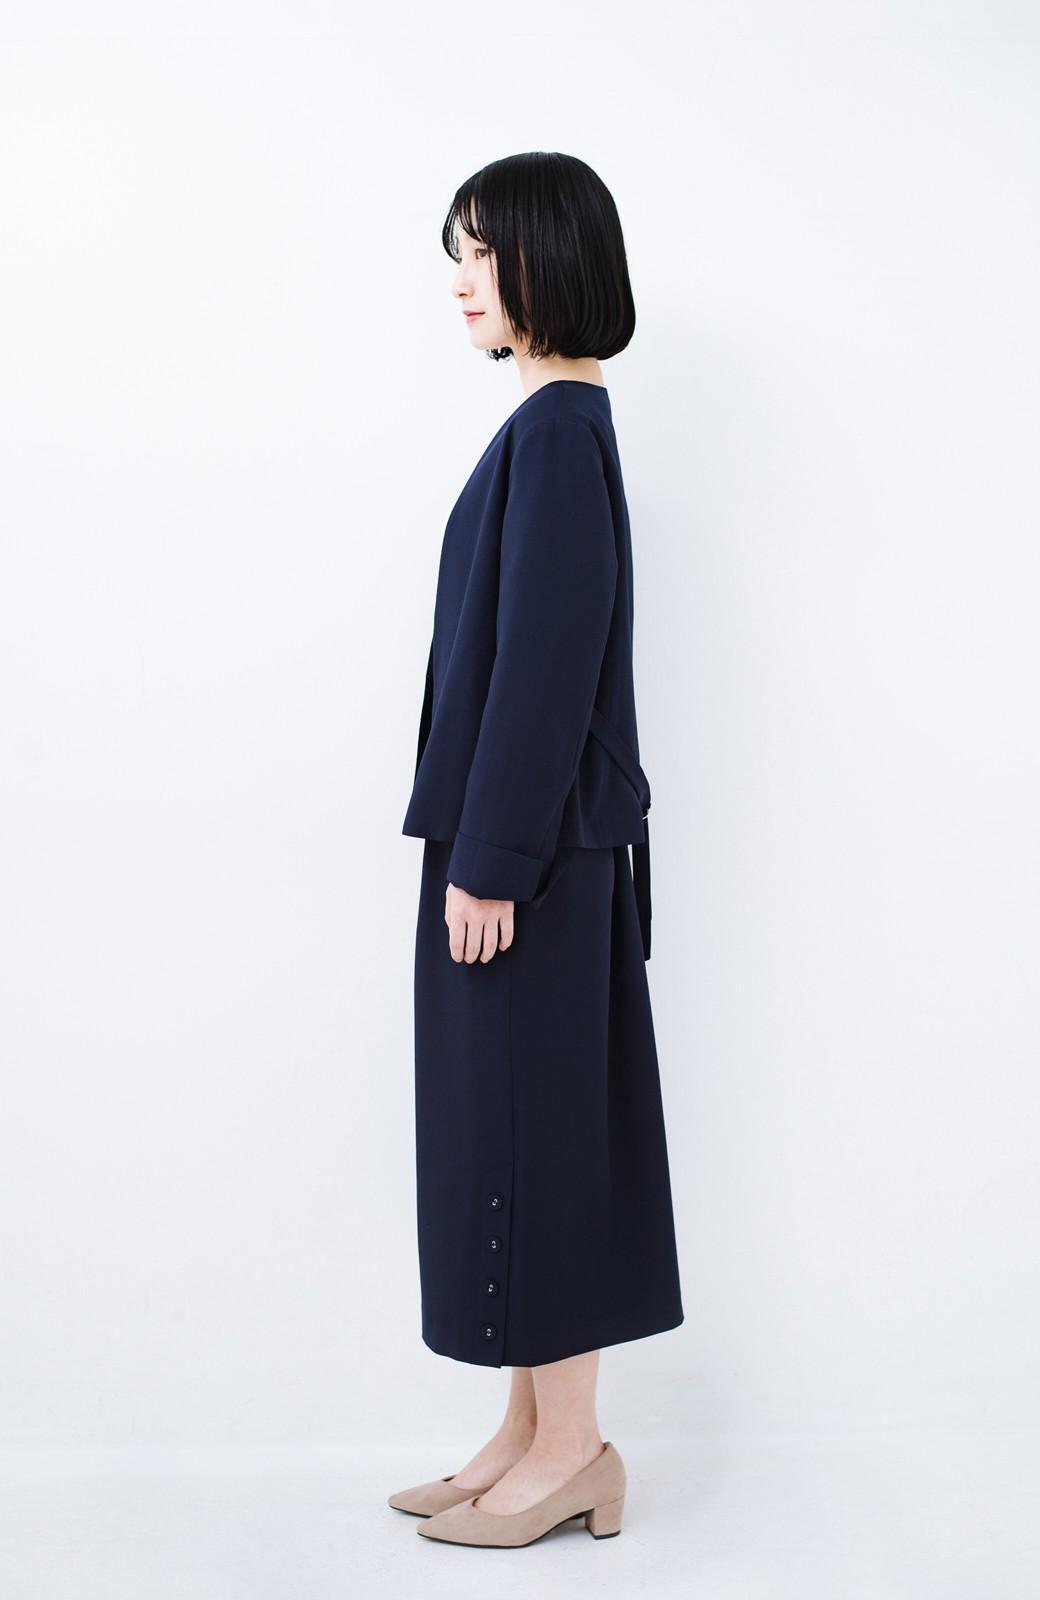 haco! 持っていると便利な野暮ったくならないフォーマルジャケット・スカートの2点セット <ネイビー>の商品写真6